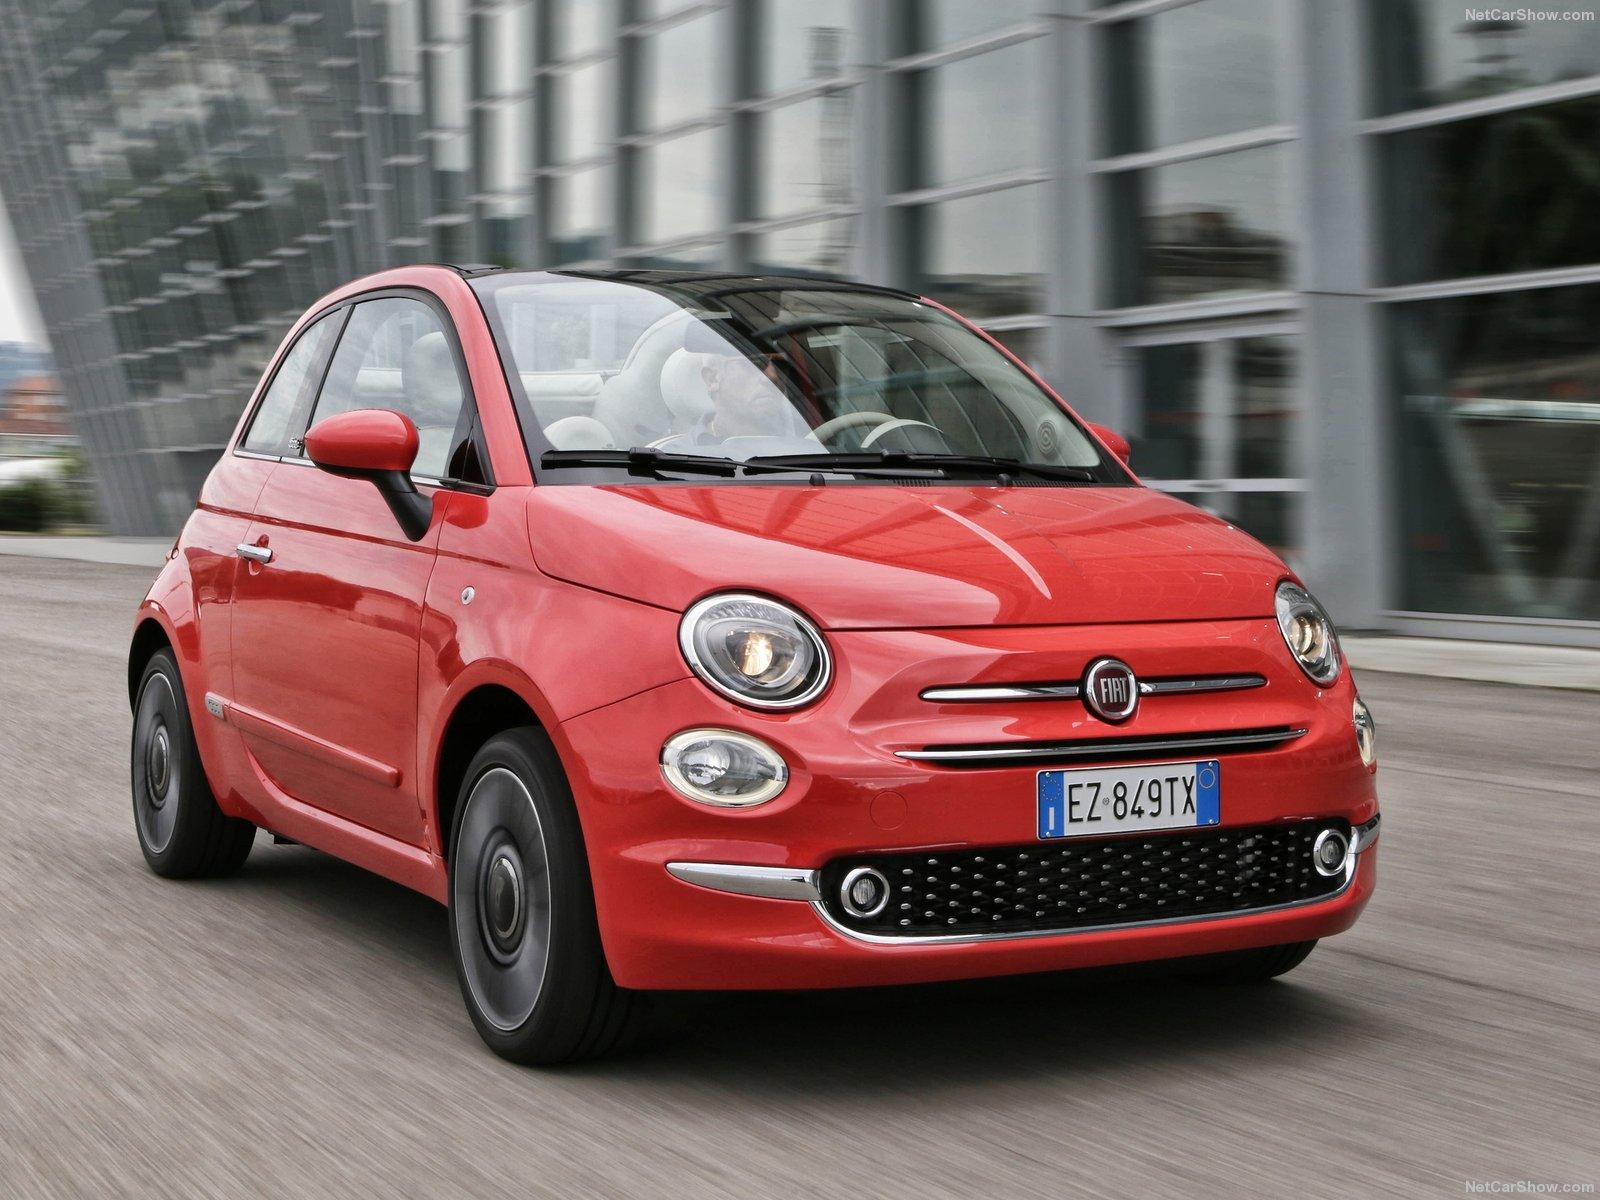 Fiat-500-2016-1600-02